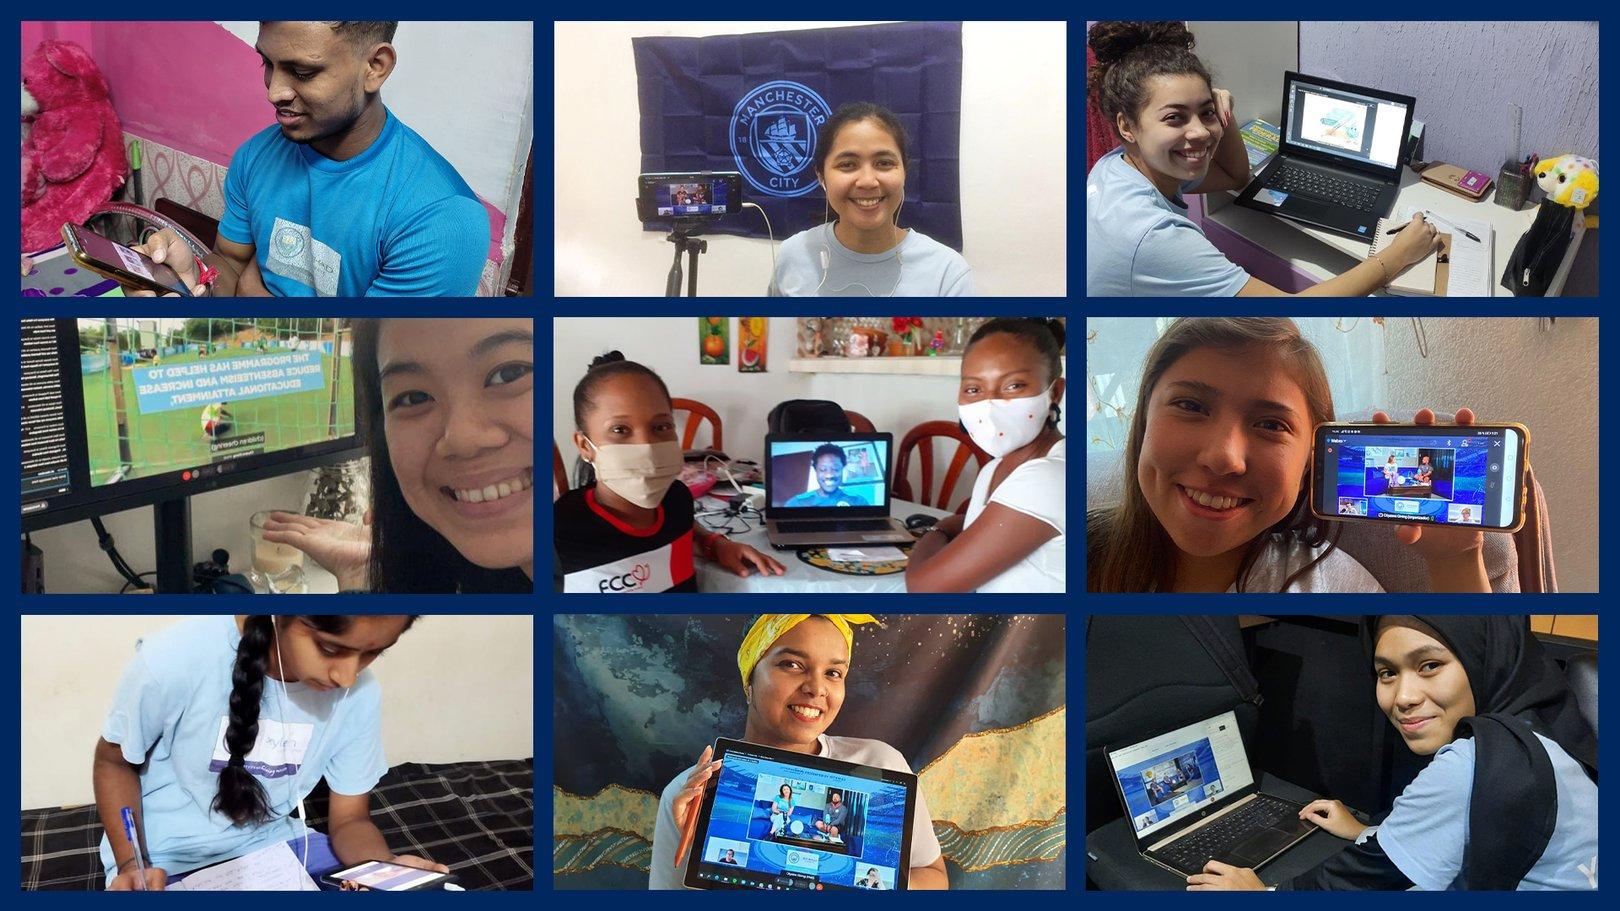 سيسكو توسع دعمها لشبكة التعلُّم الرقمي للقادة الشباب